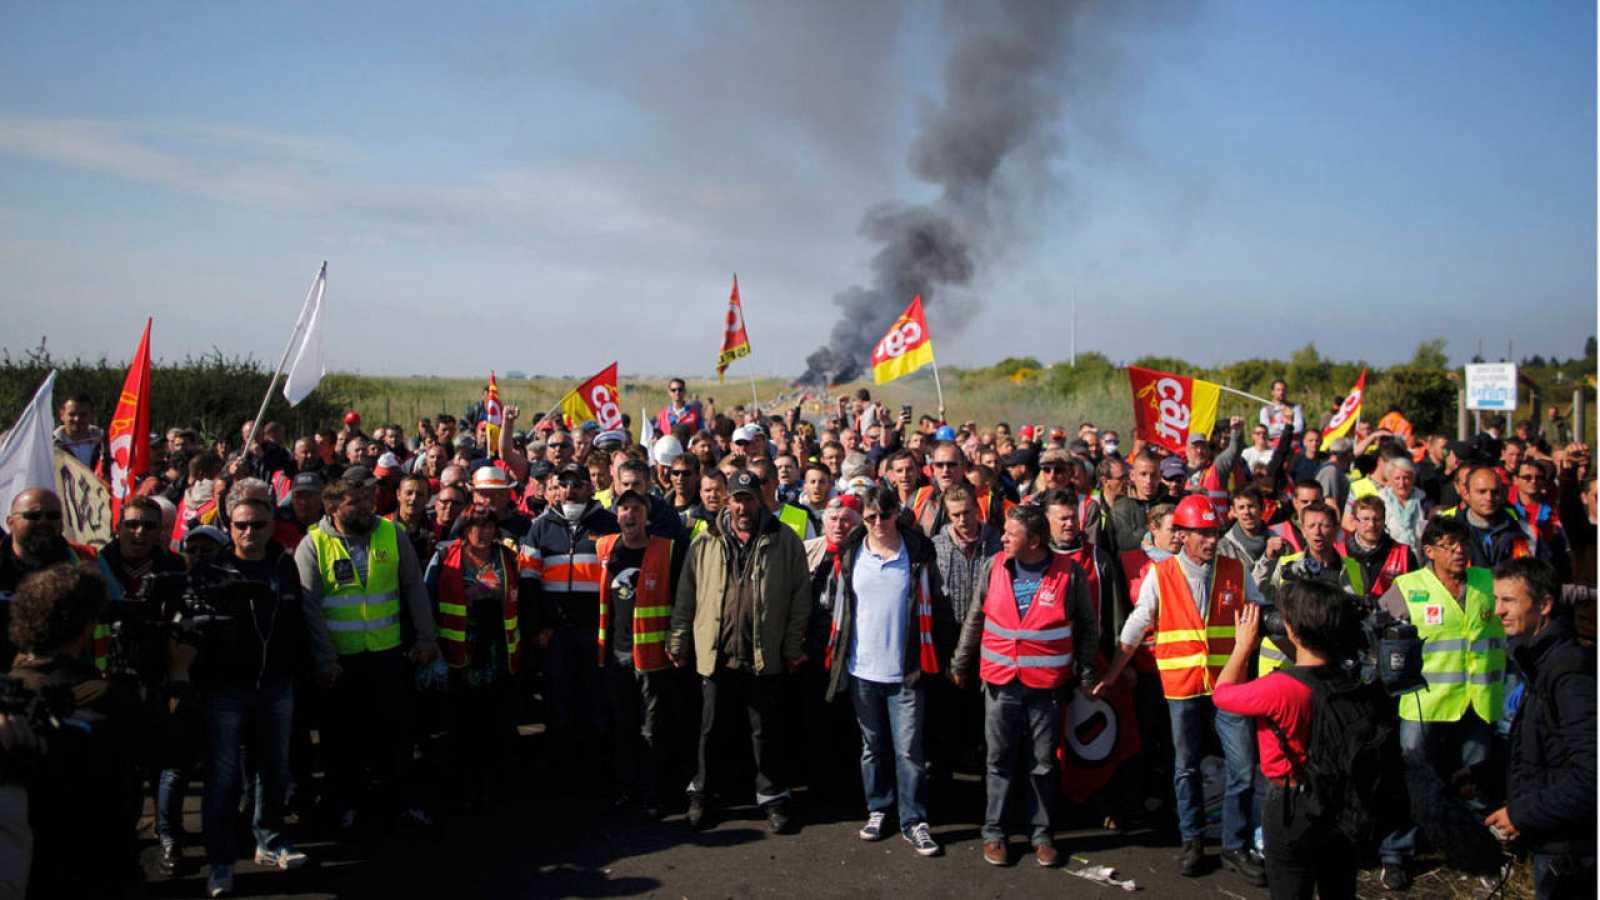 Sindicalistas de la CGT delante de una barricada cerca de la refinería de Donges